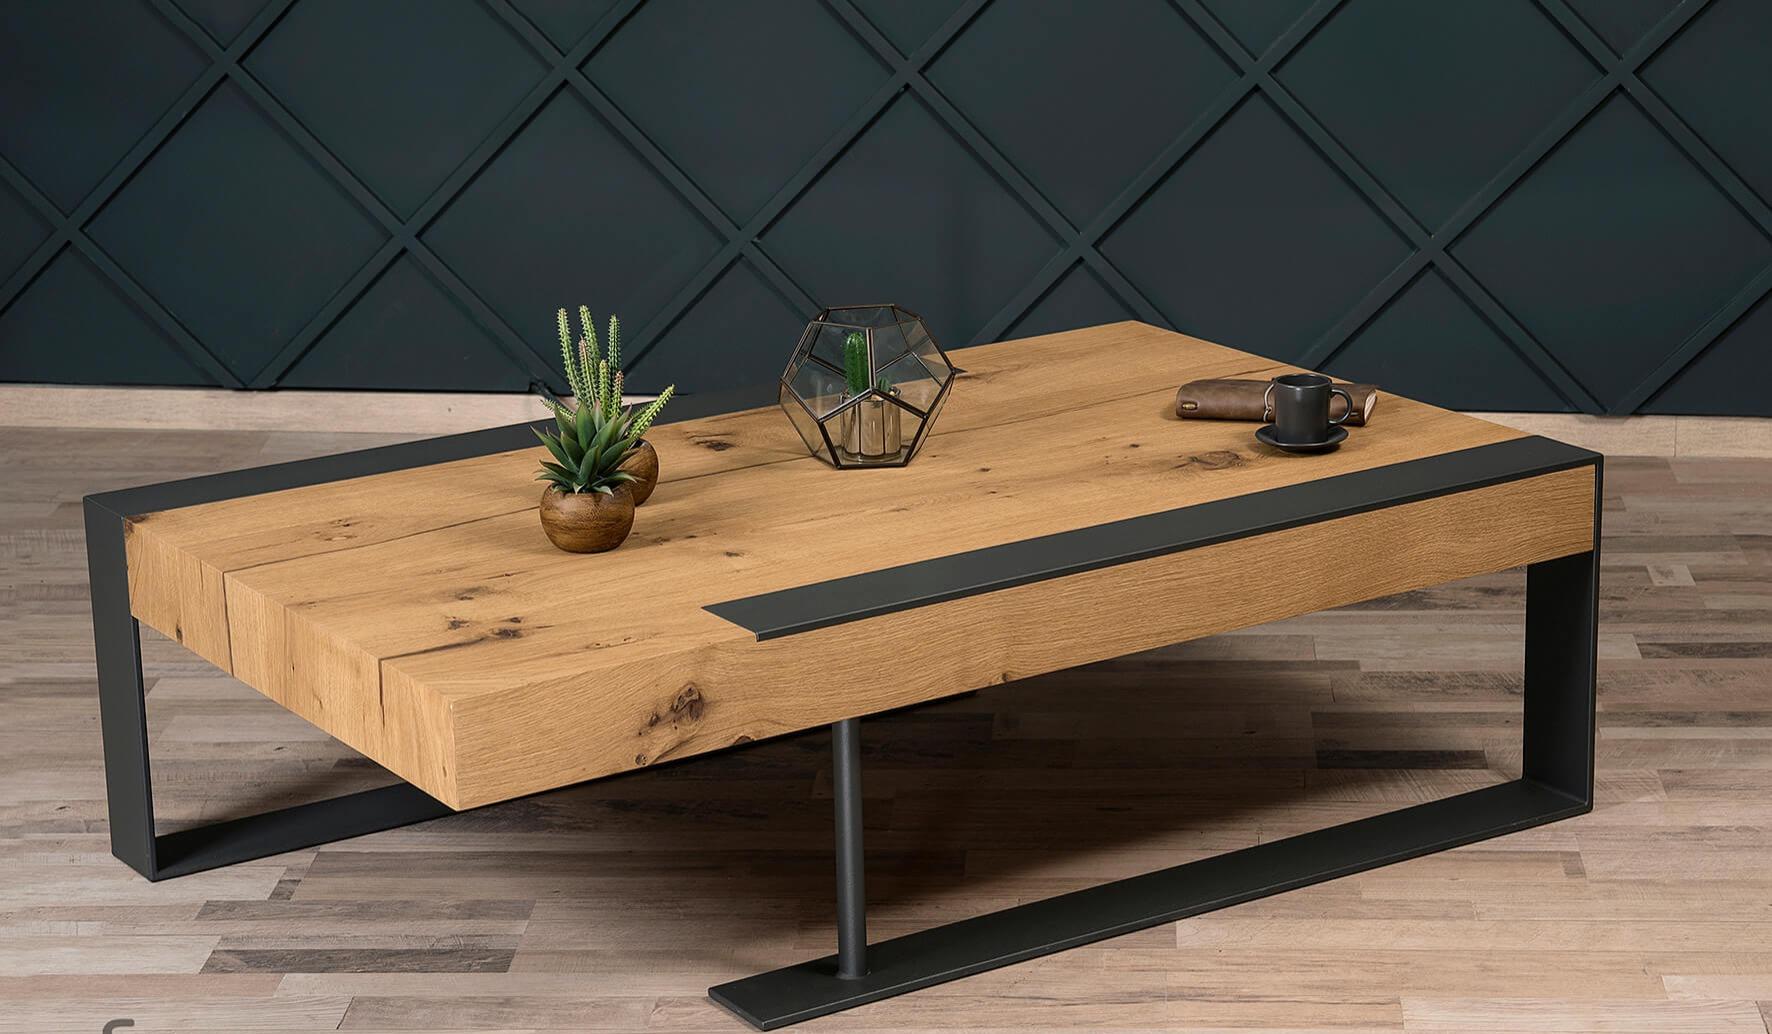 Μοντέρνο και εντυπωσιακό τραπέζι σαλονιού